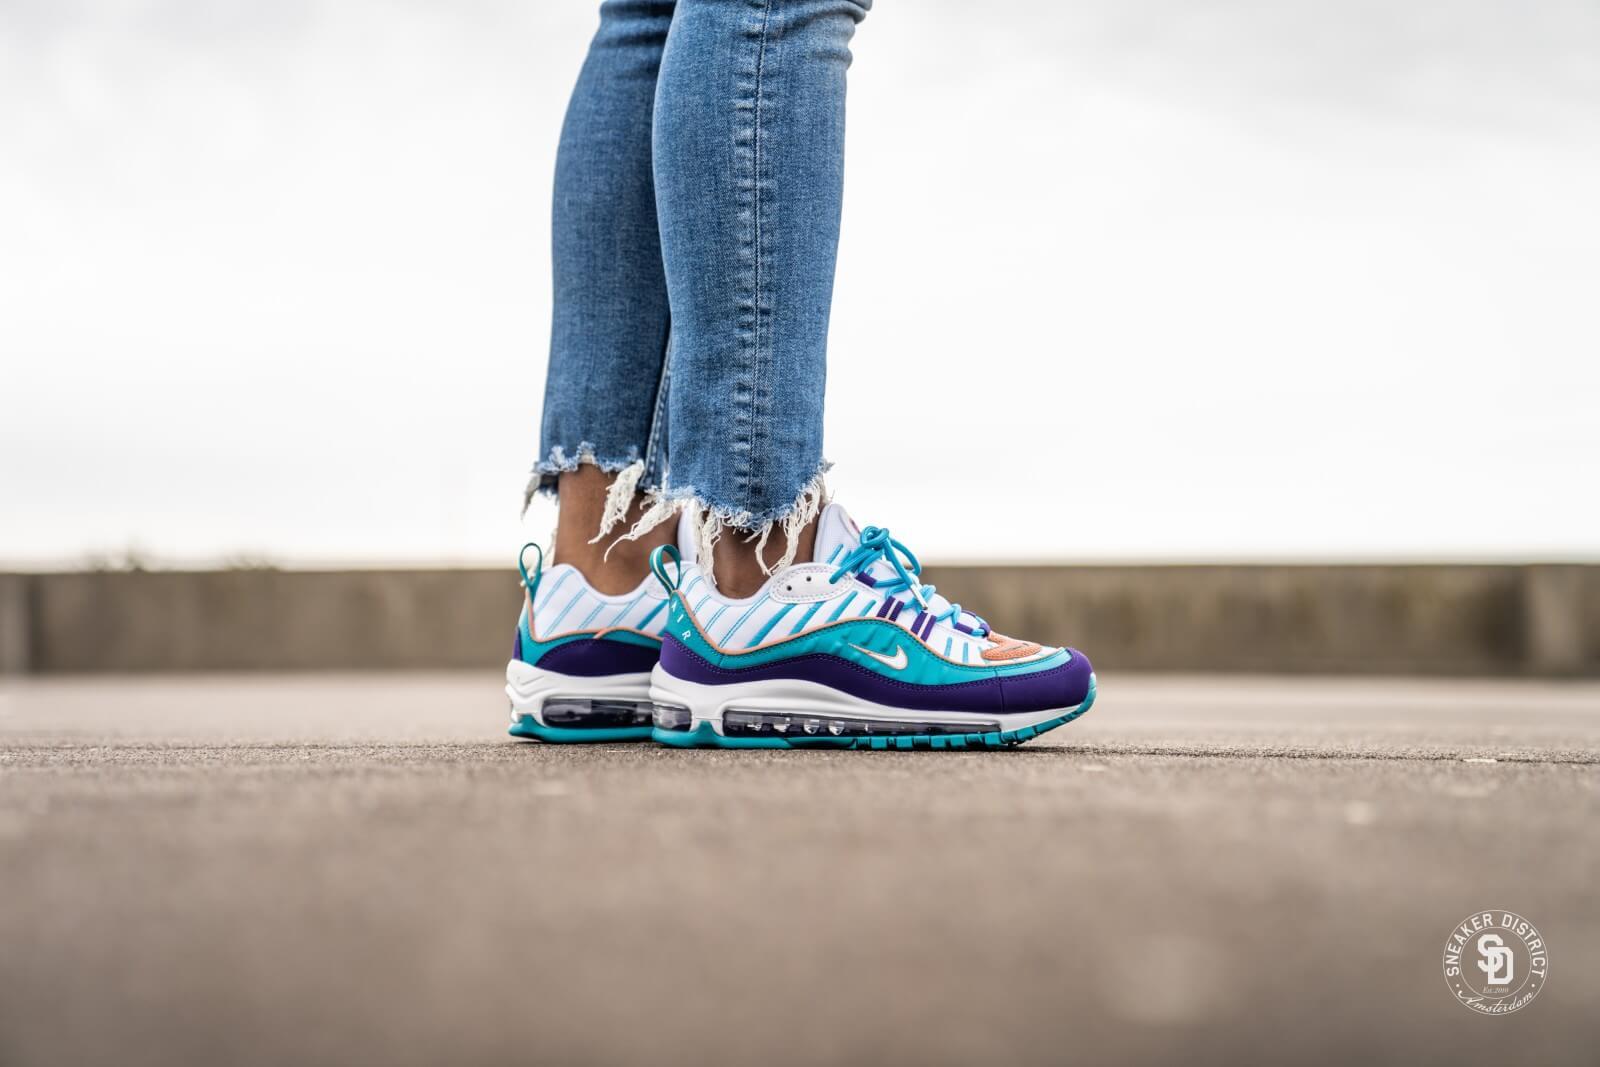 Nike Women's Air Max 98 Court Purple/Terra Blush-Spirit Teal